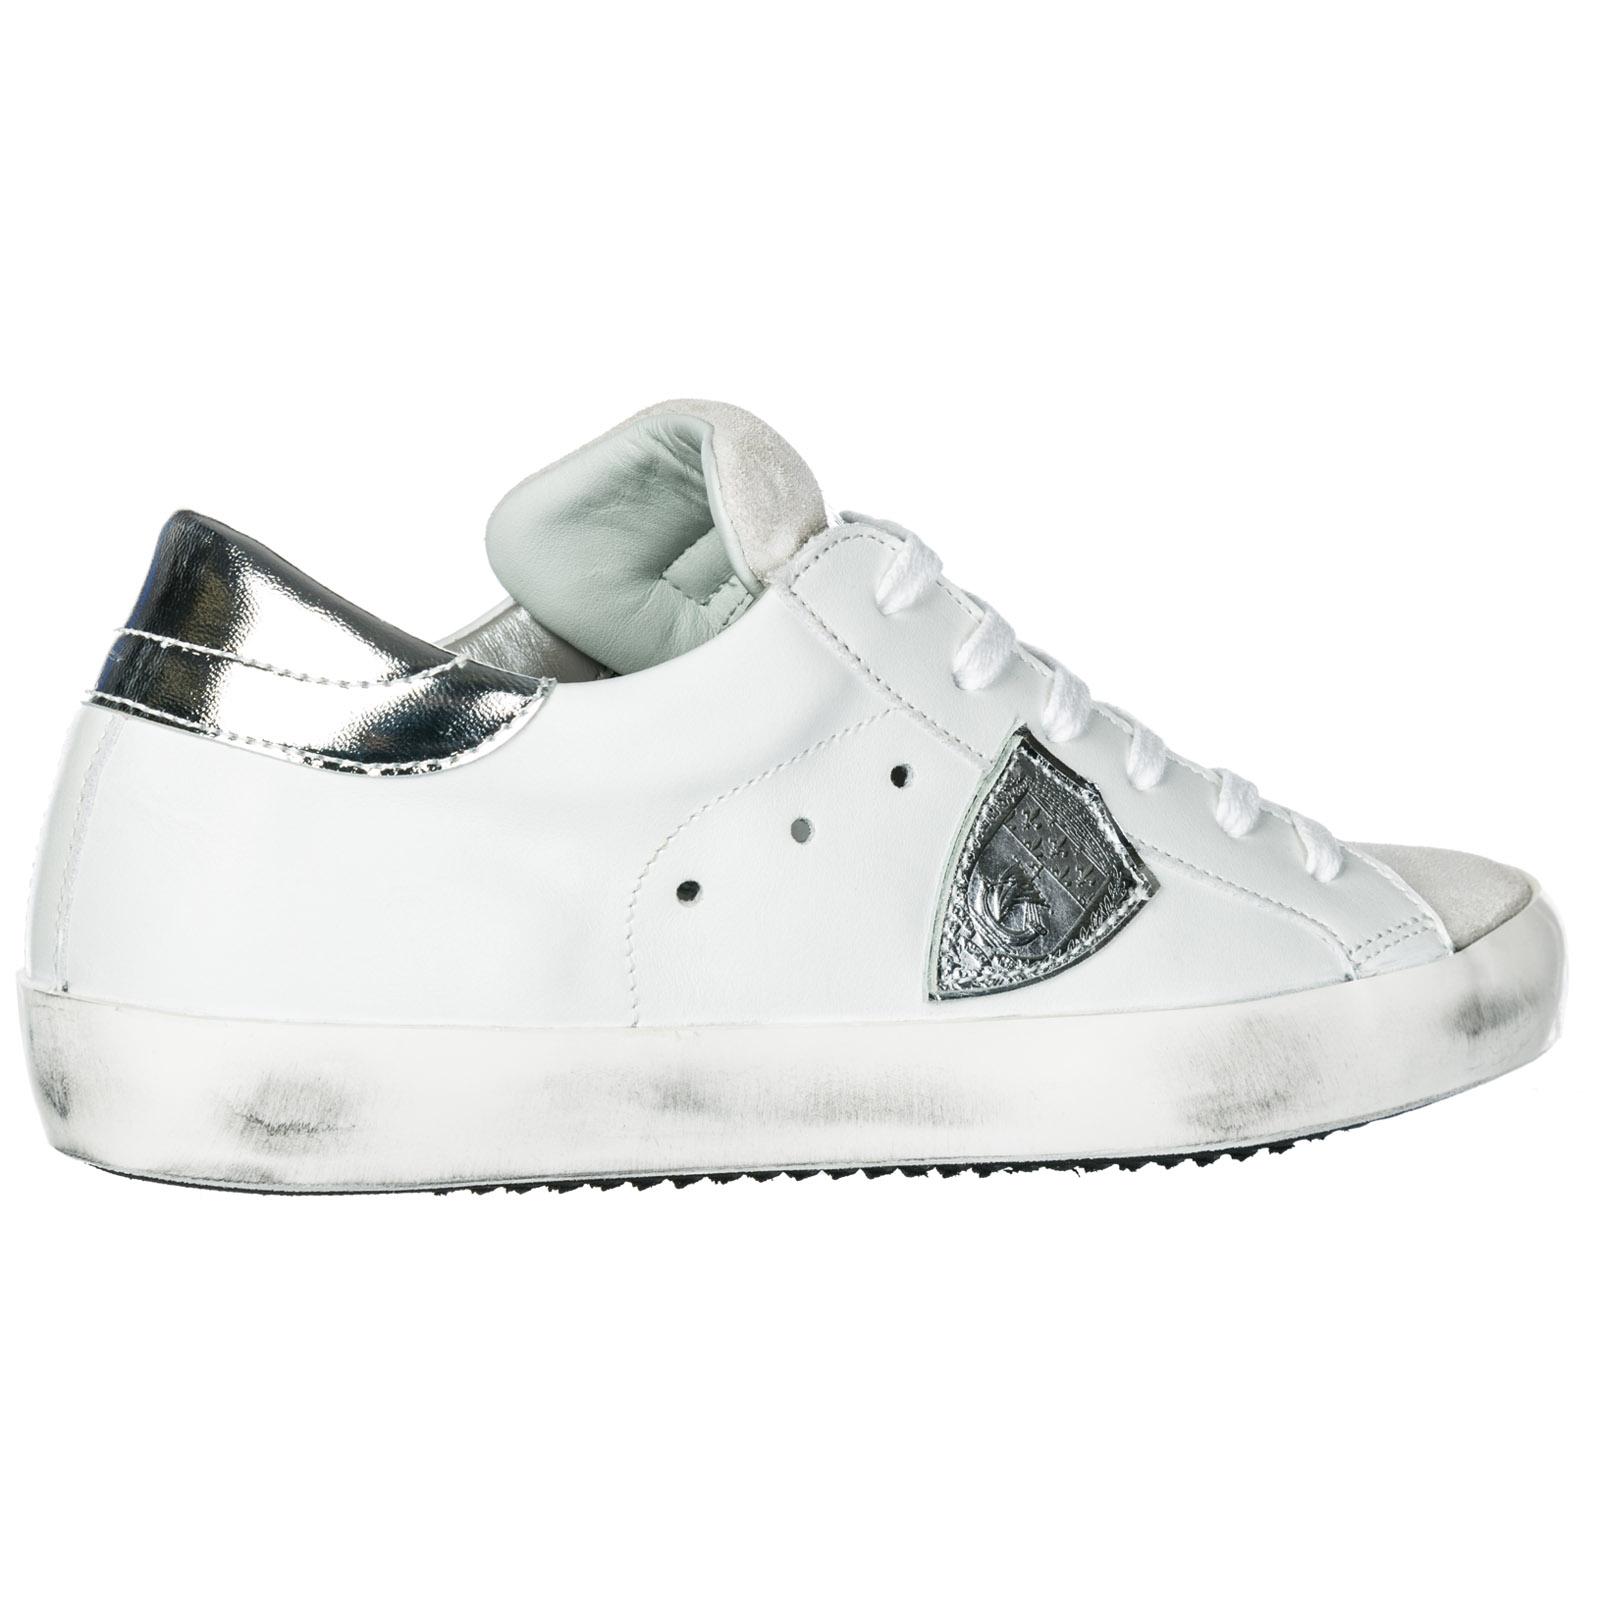 196ae2b16fa64 Sneakers Philippe Model Paris A1UNCLLD1005 basic blanc silver ...